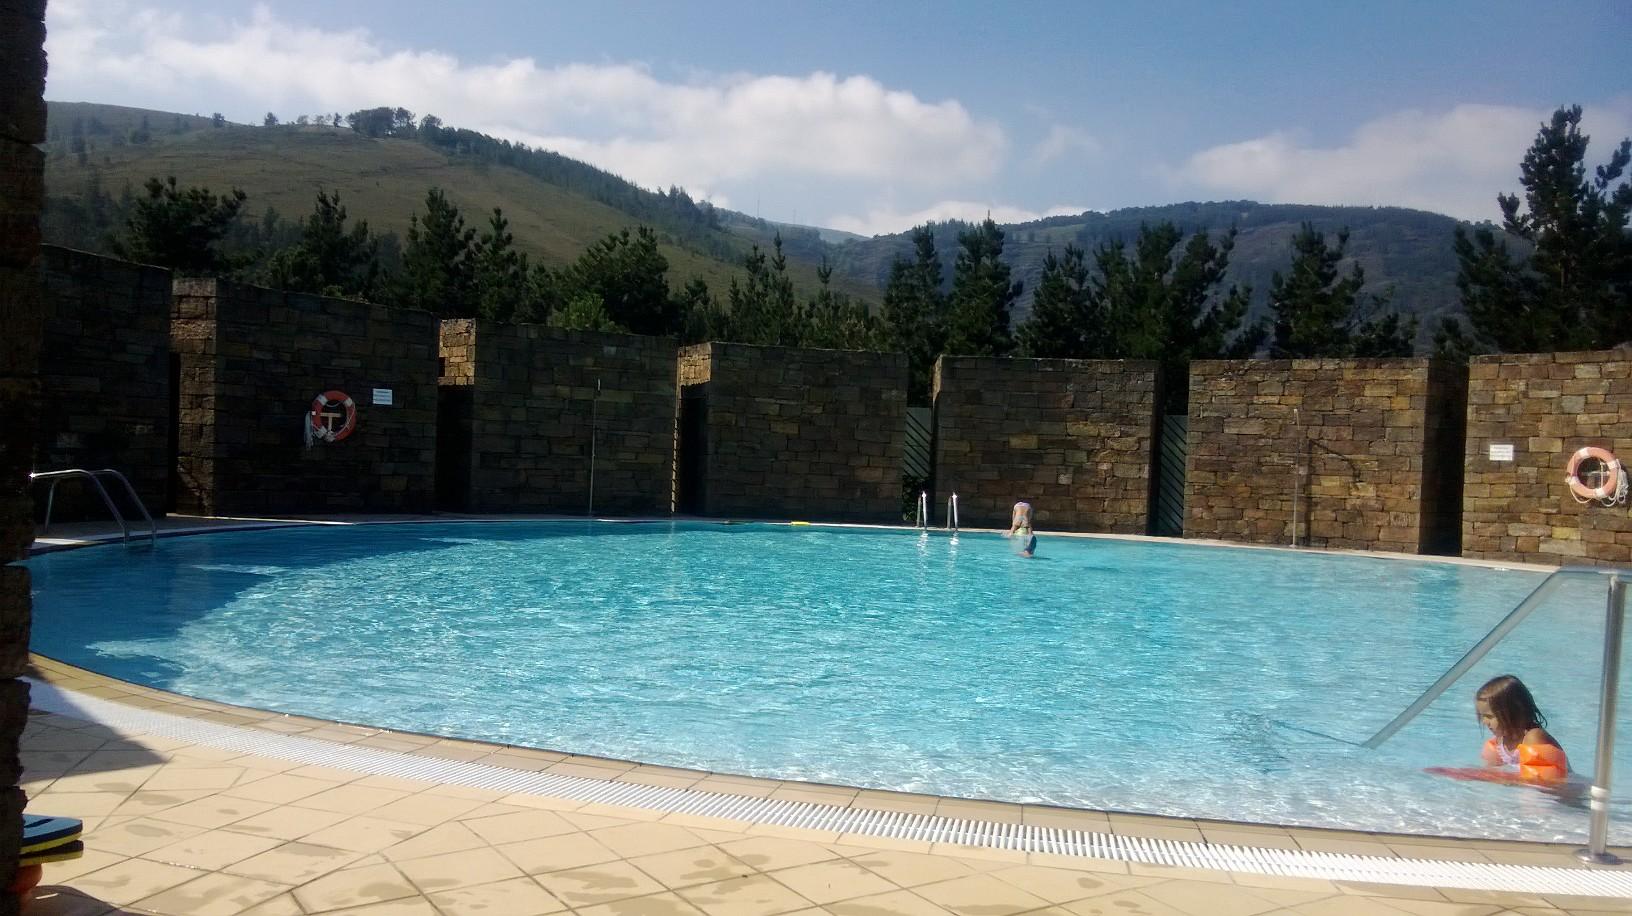 Ayer en illano volvimos a abrir el rea de folgueir u un for Piscinas en asturias